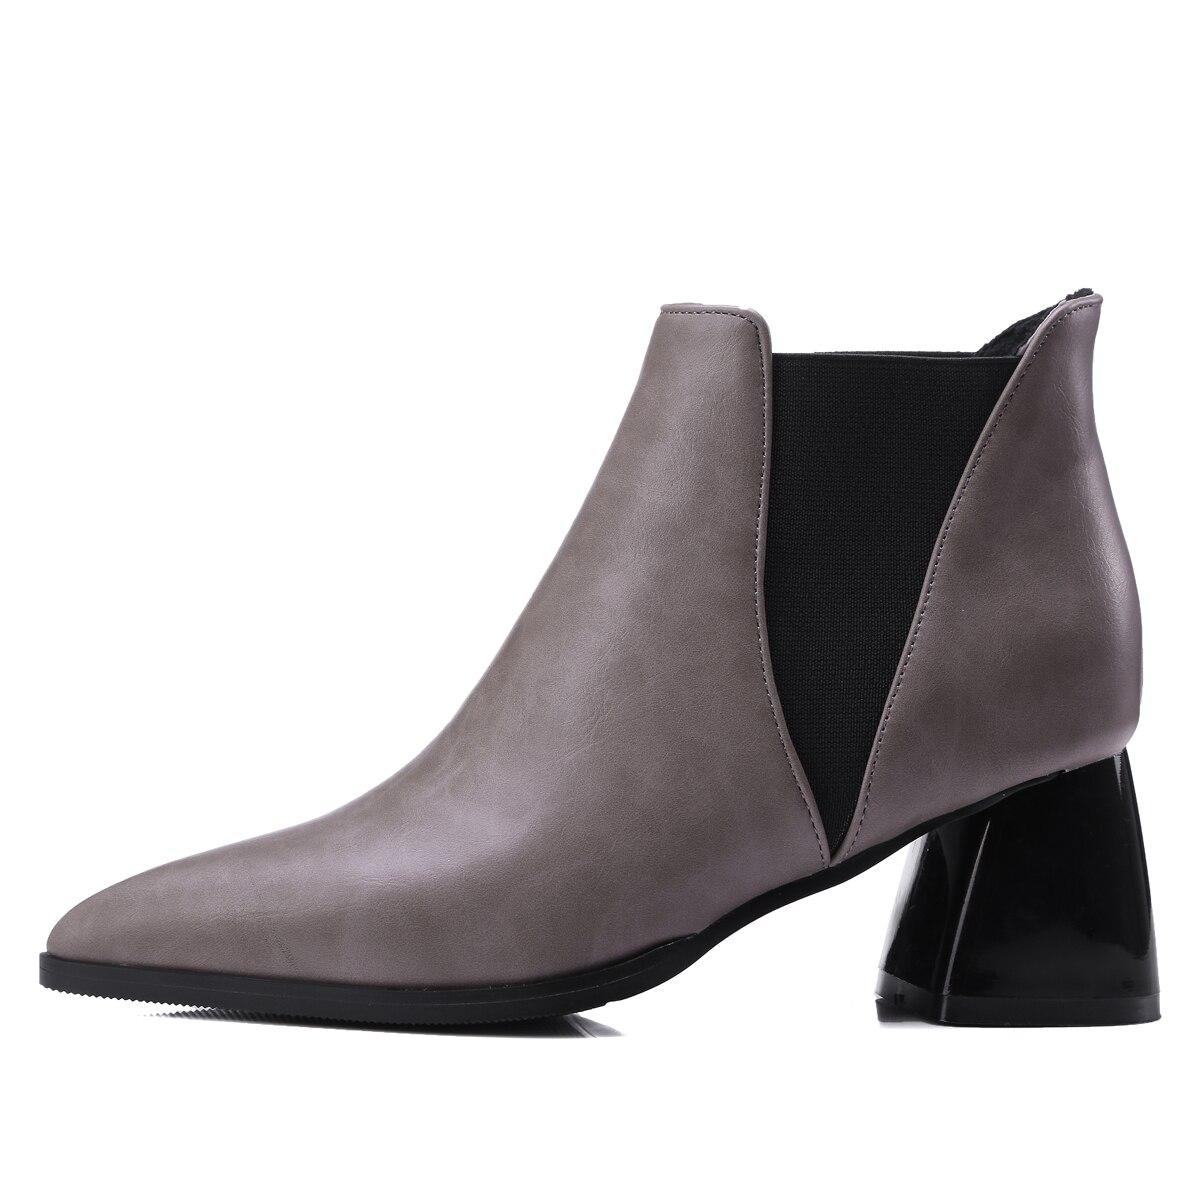 Size34 Orteils Talons Hauts À Avec De Mode rouge Pointu Noir Courtes 43 Qzyerai Nouvelle Automne En gris Femmes La Et Européenne Bottes Chaussures W47wxnUAq8